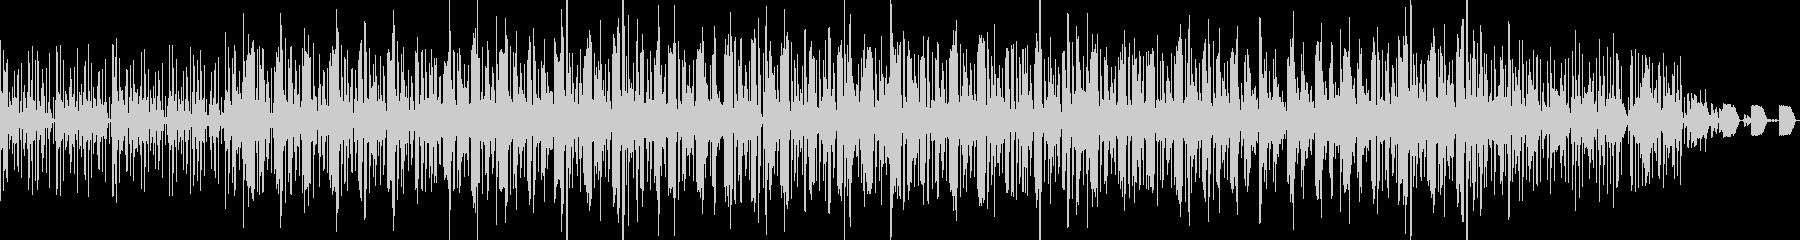 ピアノが入ったループブレイクビーツの未再生の波形